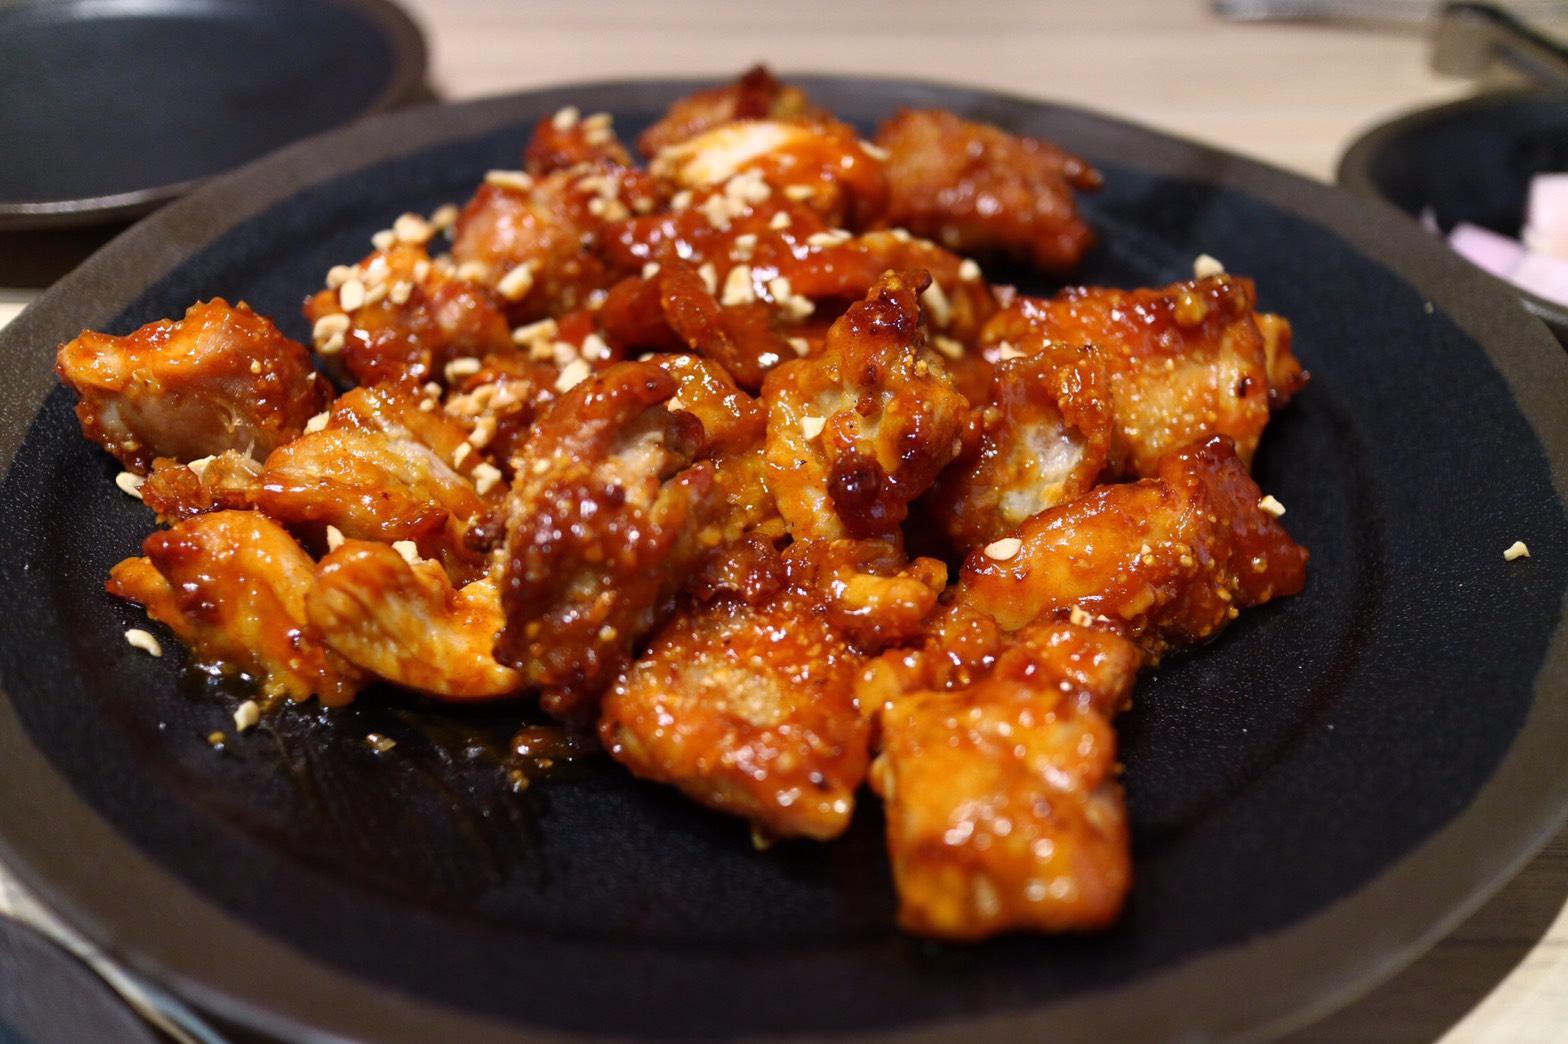 和Chimac175不同的是,它是用「烤的」,飽兒覺得雖然口感較不一樣,但是吃起來雞肉的鮮嫩度真的非常棒!